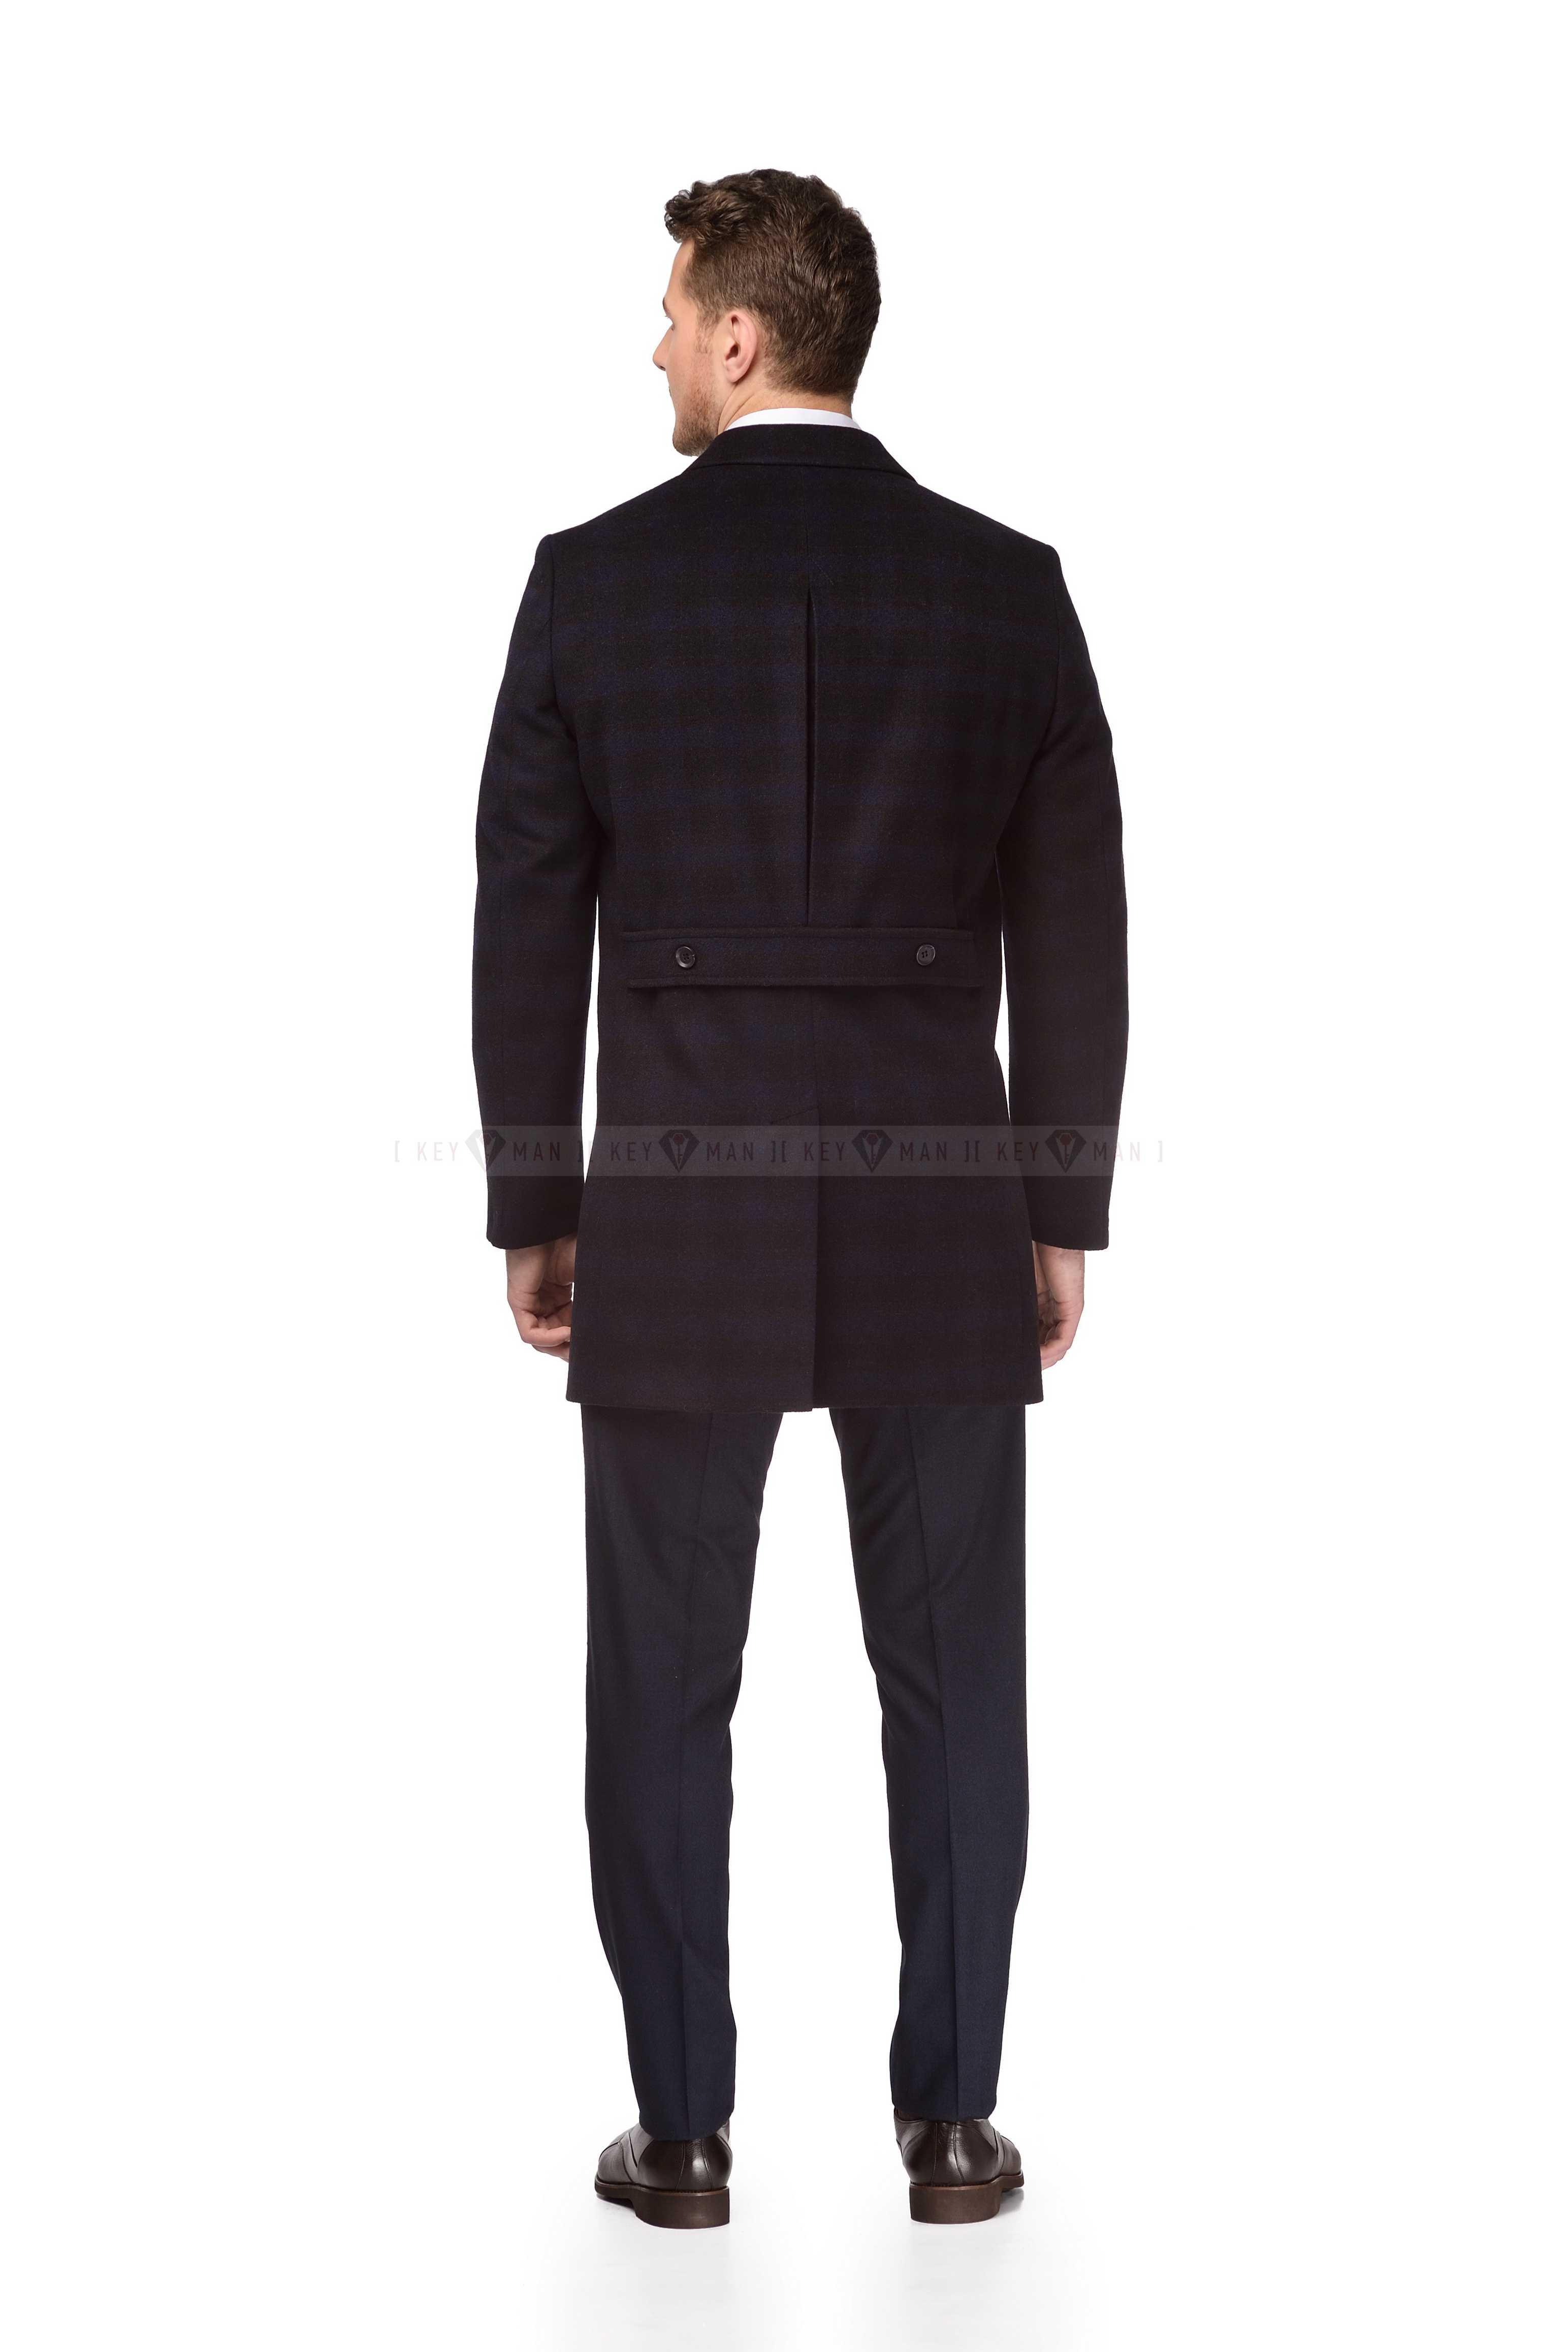 Пальто мужское сине-коричневая клетка шерстяное приталенное